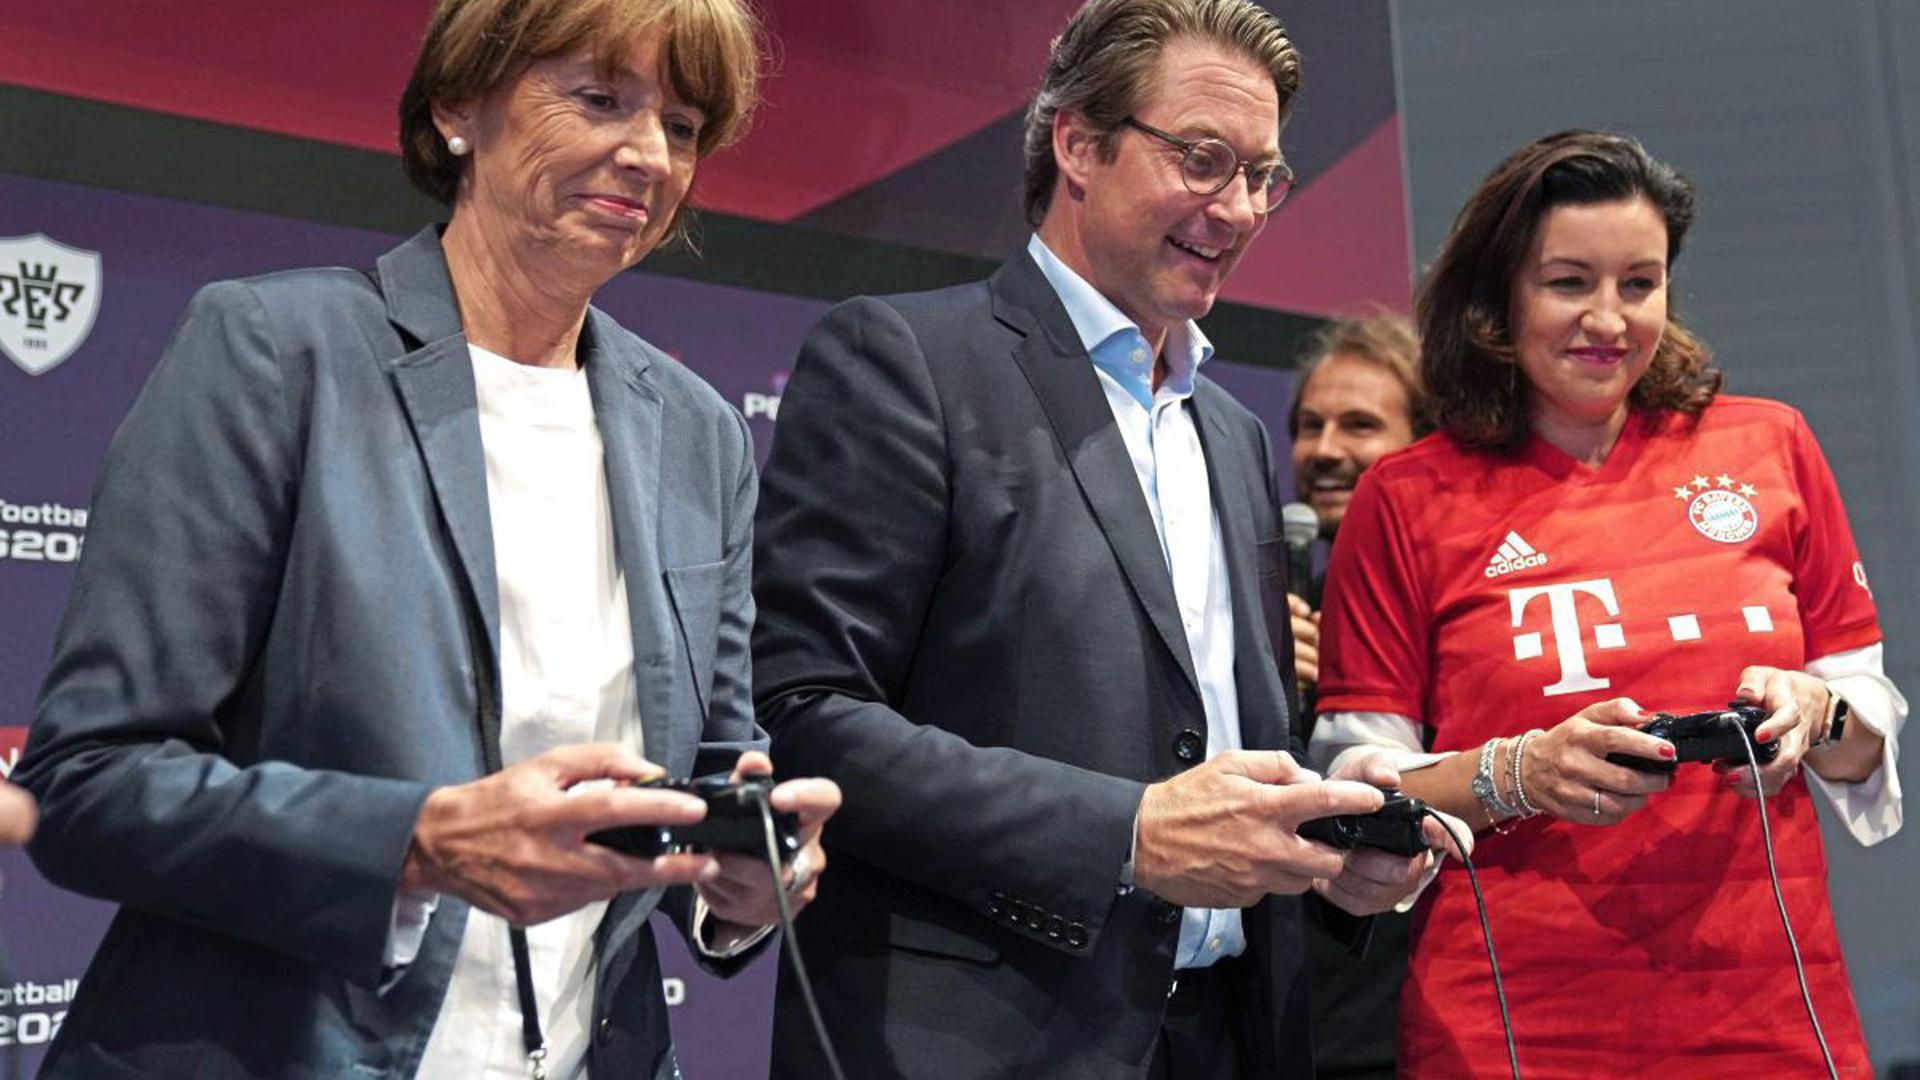 Henriette Reker, Andreas Scheuer und Dorothee Bär bei der Eröffnung der weltgrößten Computerspielmesse Gamescom 2019.